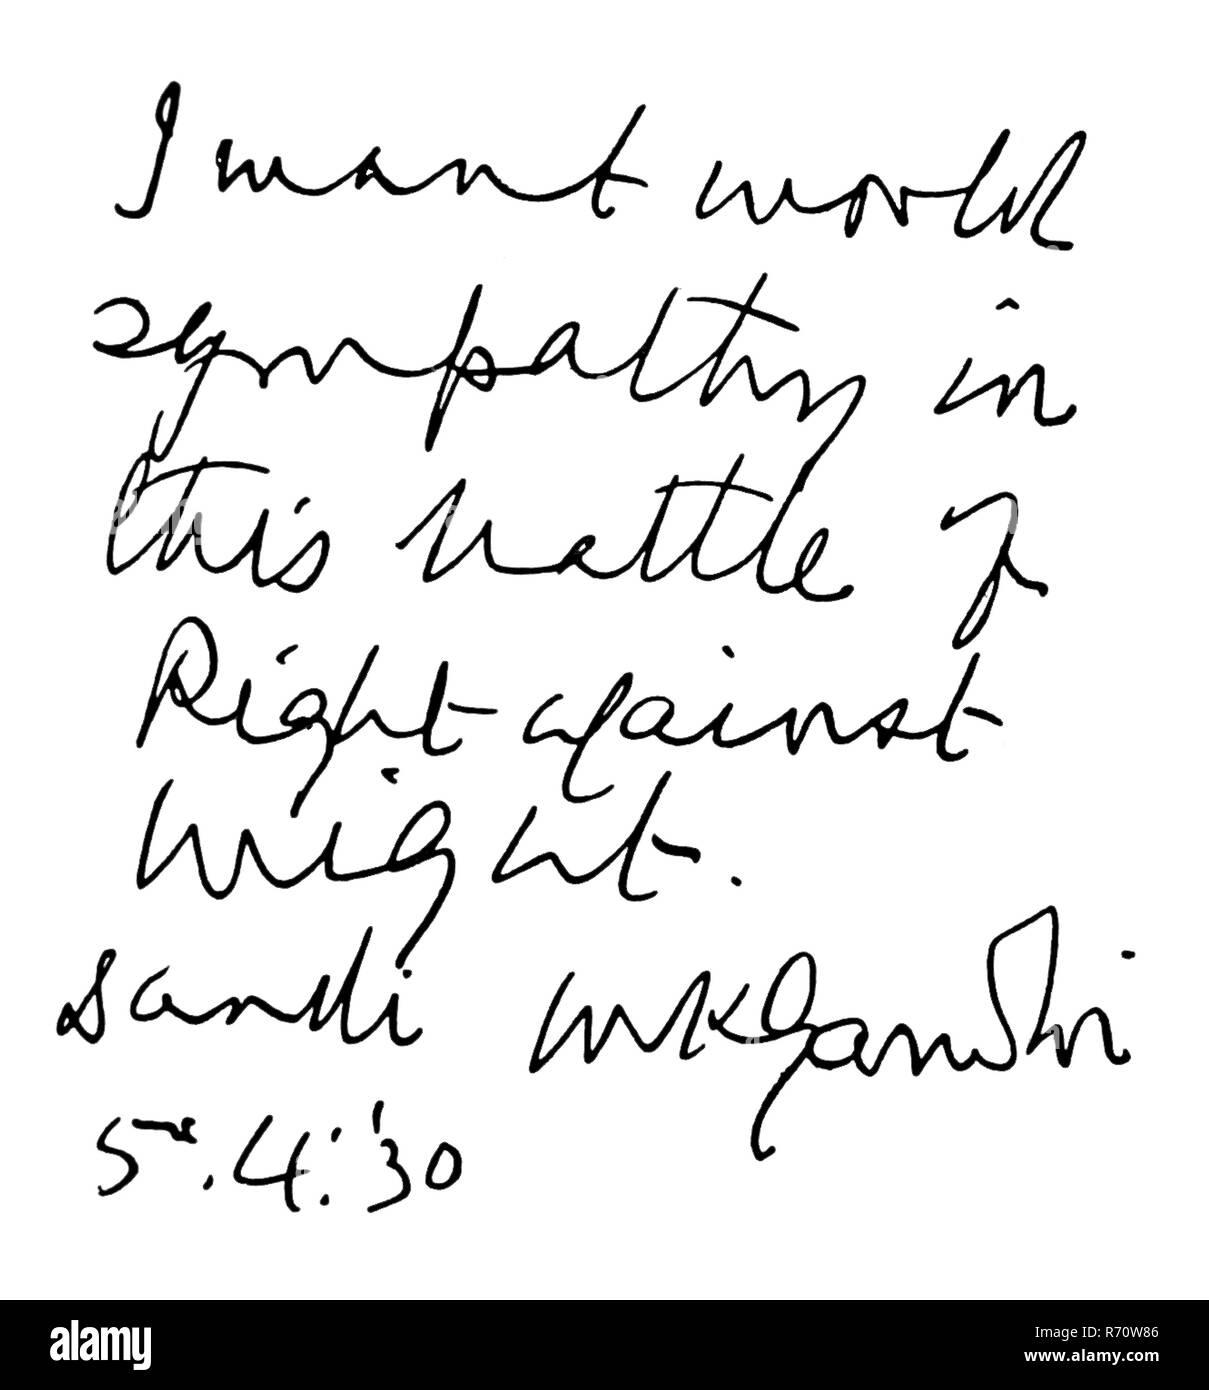 """""""Quiero que las simpatías del mundo en esta batalla de derecho contra el poderío. M.K. Gandhi, Dandi 5.4.'30' - MODELO DE LIBERACIÓN NO DISPONIBLE Imagen De Stock"""